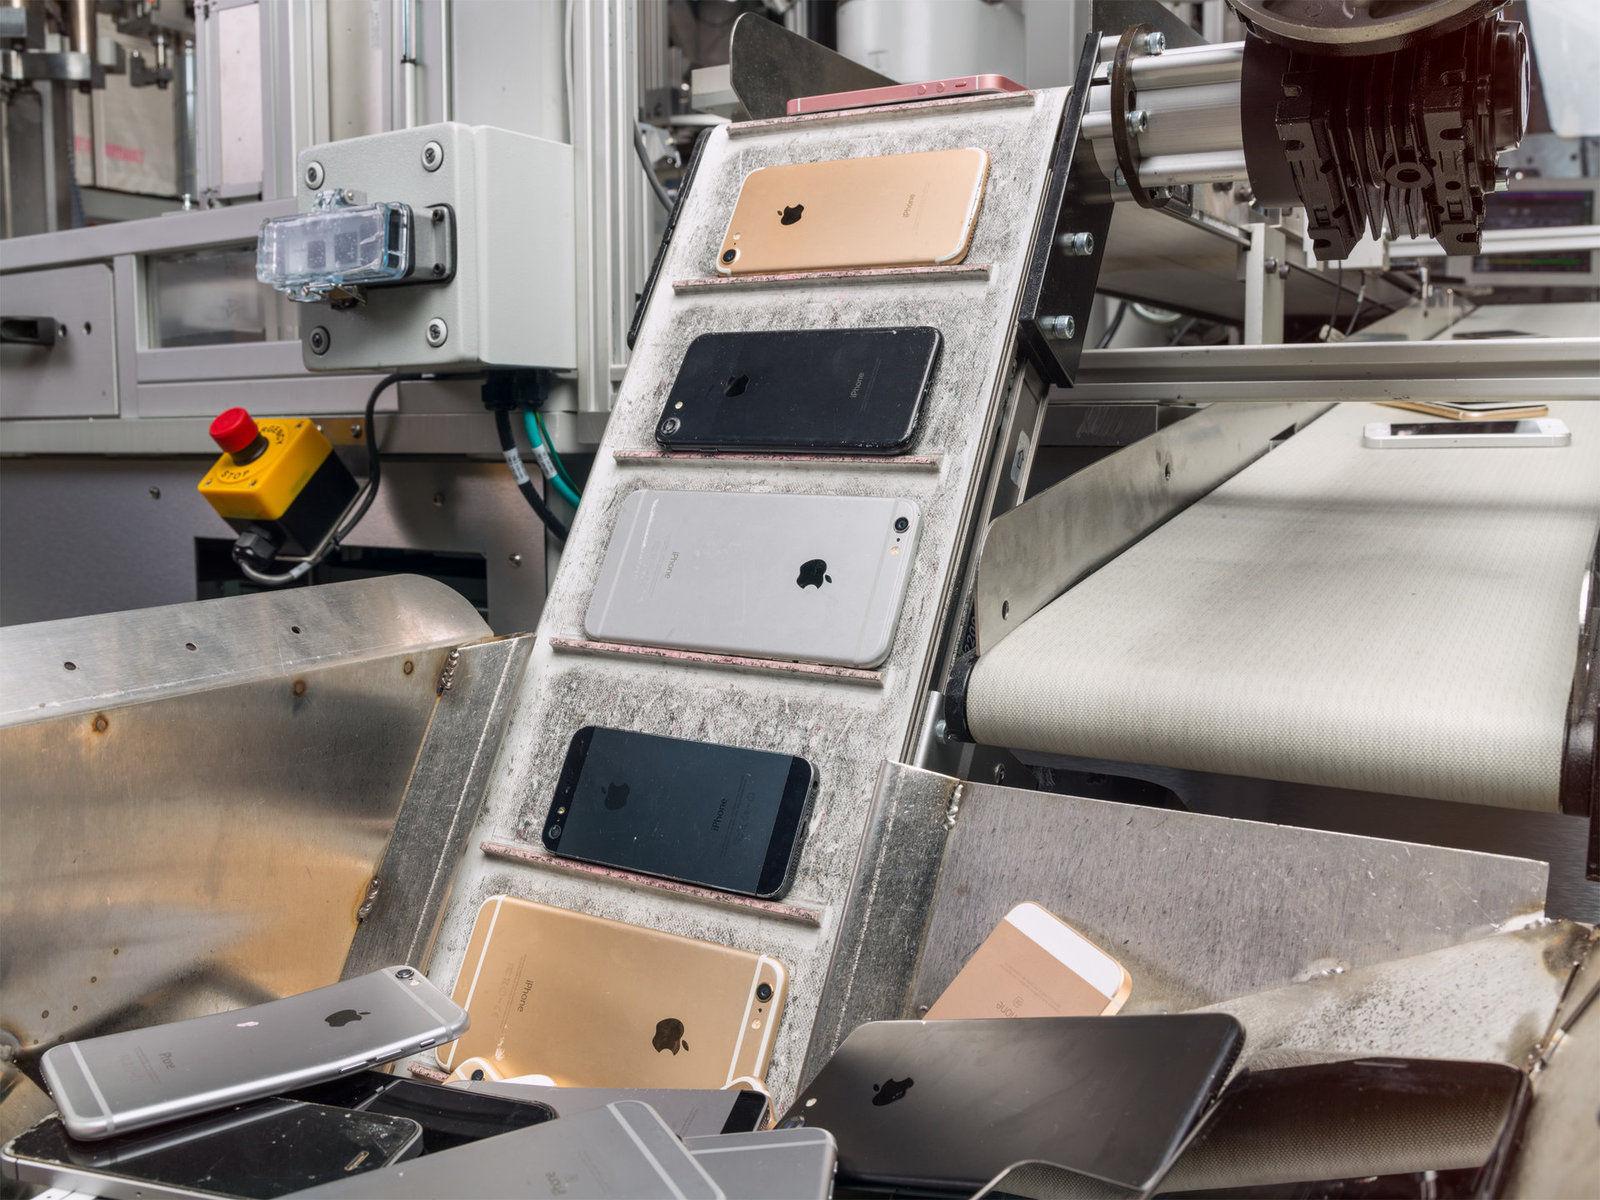 Apple компани цагт 200 ширхэг iPhone устгадаг роботтой болсноо зарлажээ